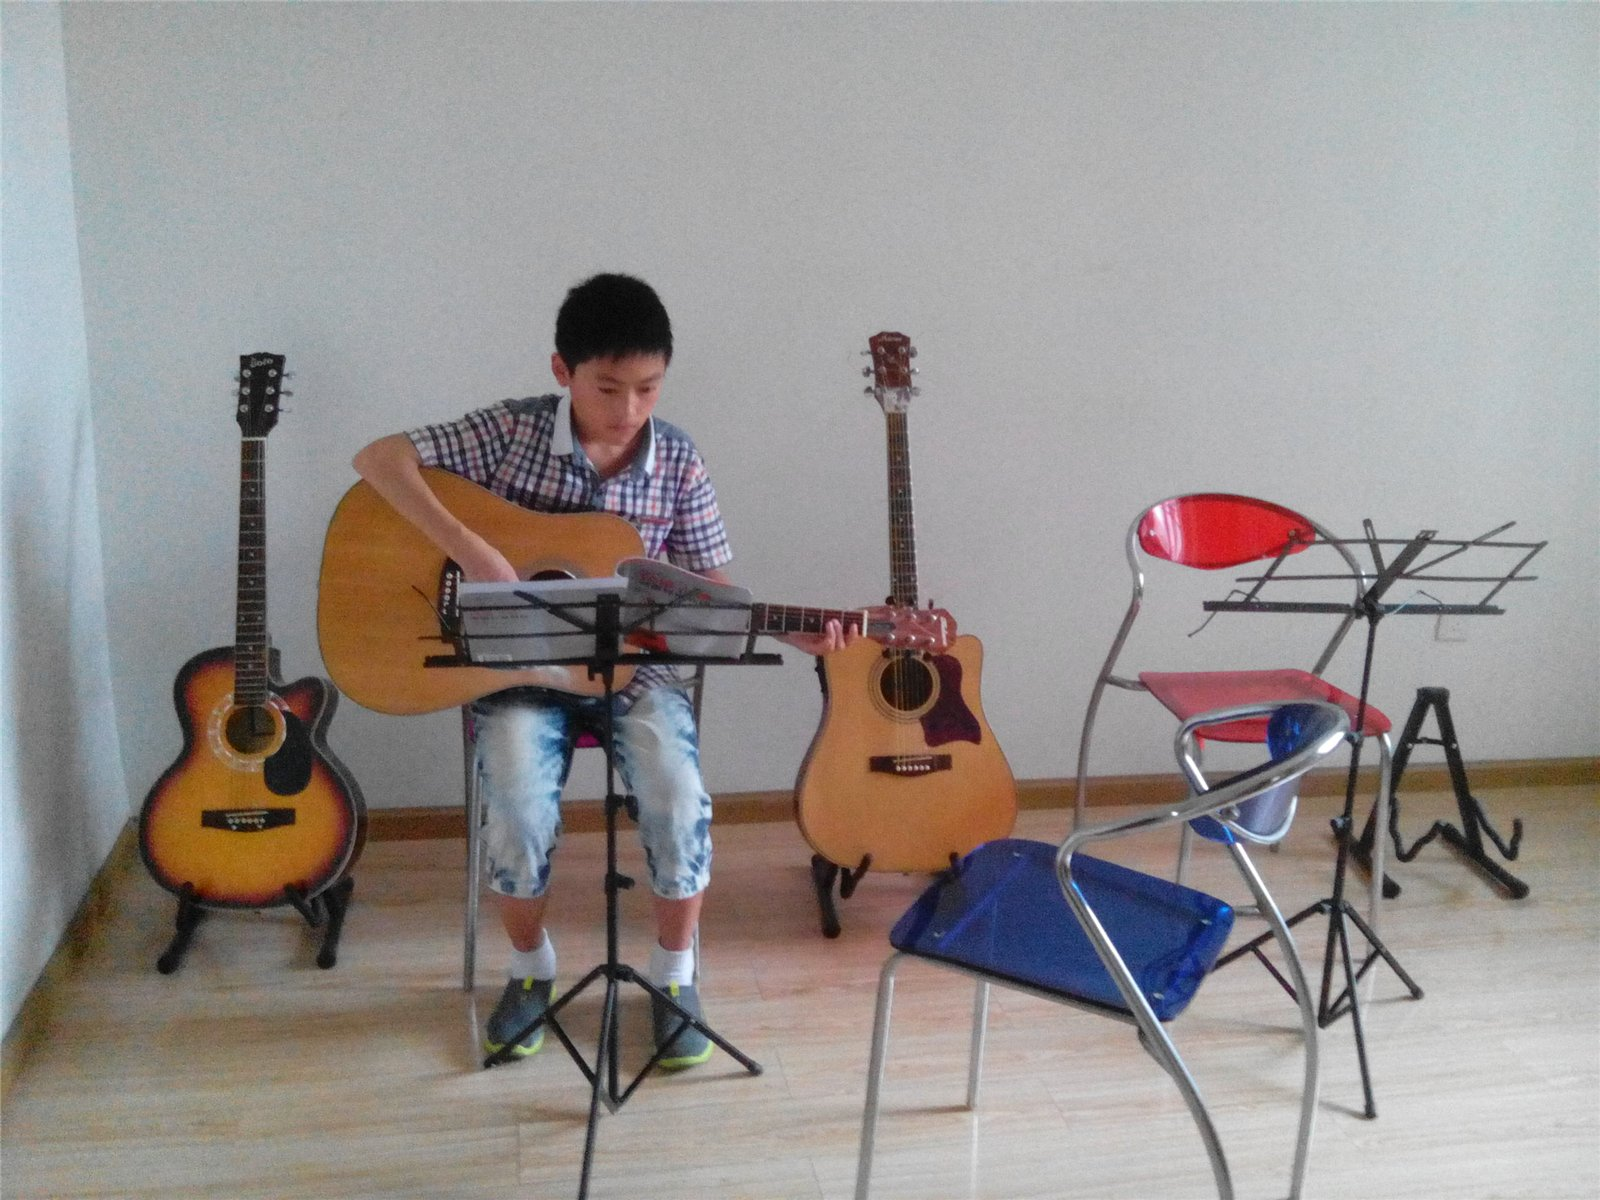 崇州/主题: 最优惠的吉他教学崇州风行音乐教室